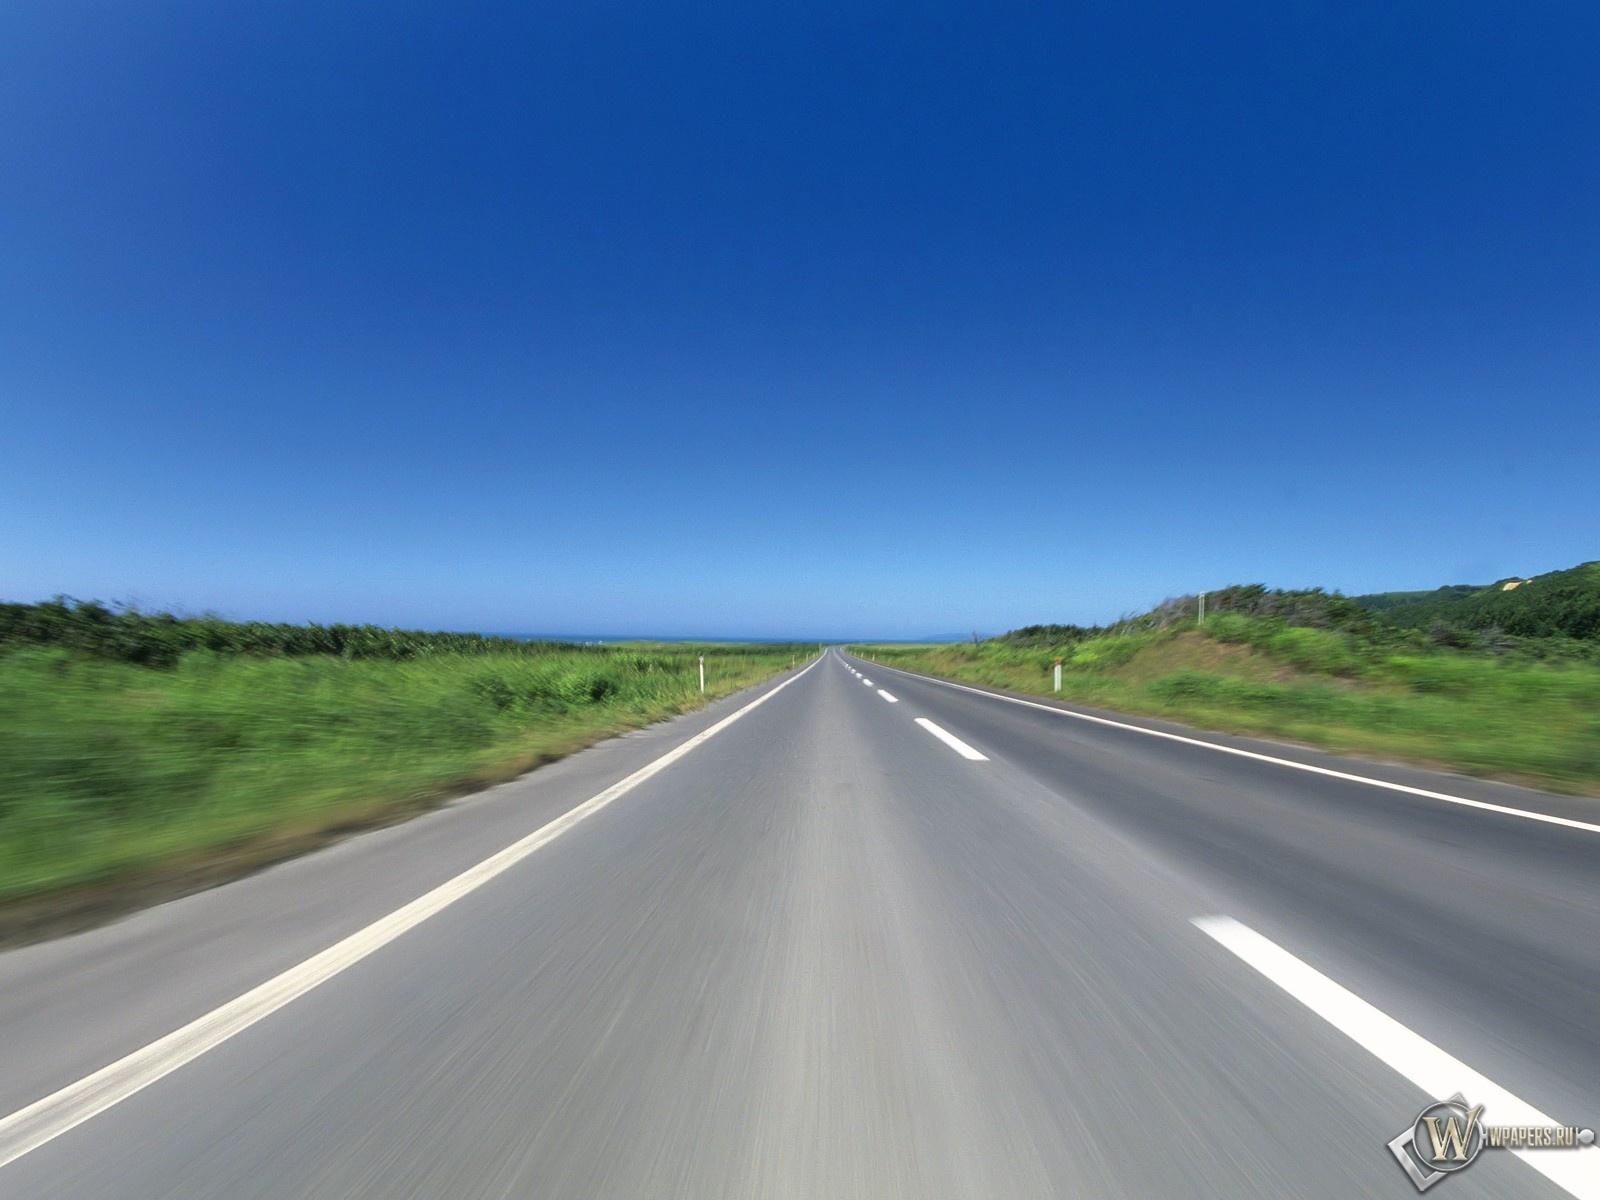 Бескрайняя дорога 1600x1200